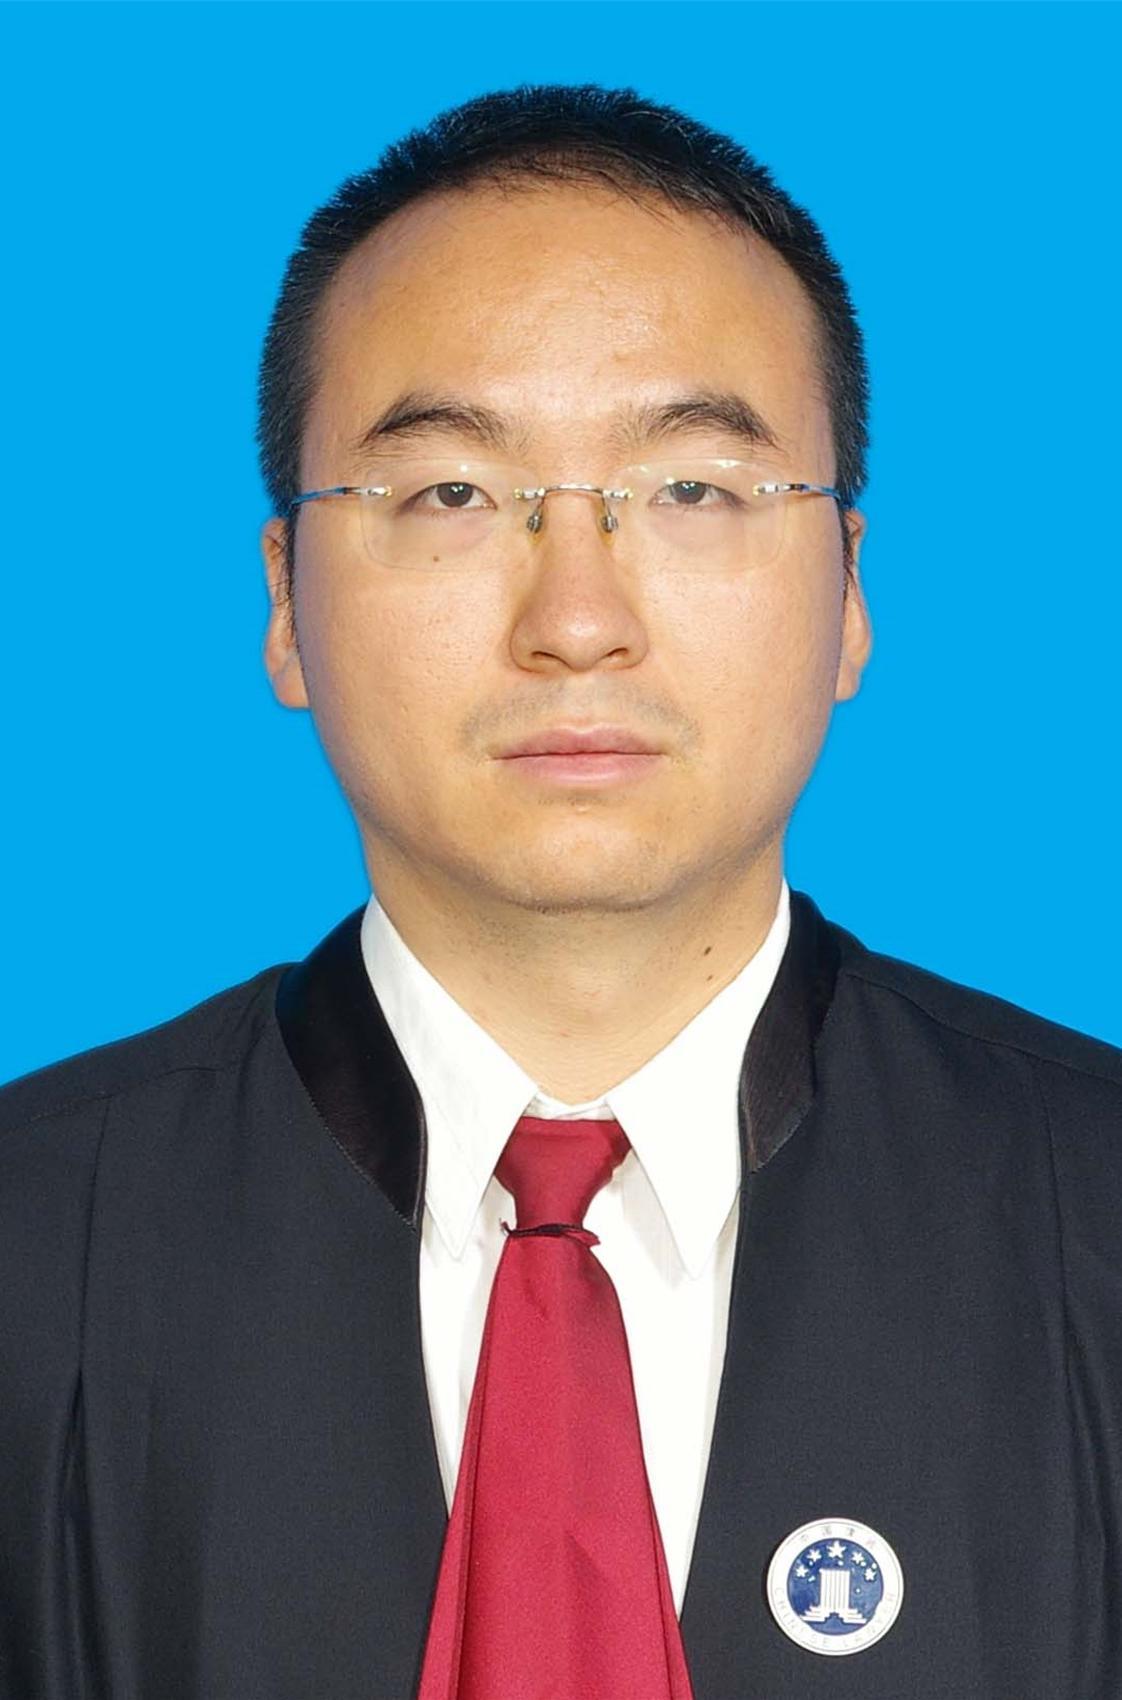 杨君超律师信息_杨君超律师个人案例 - 律师百科网